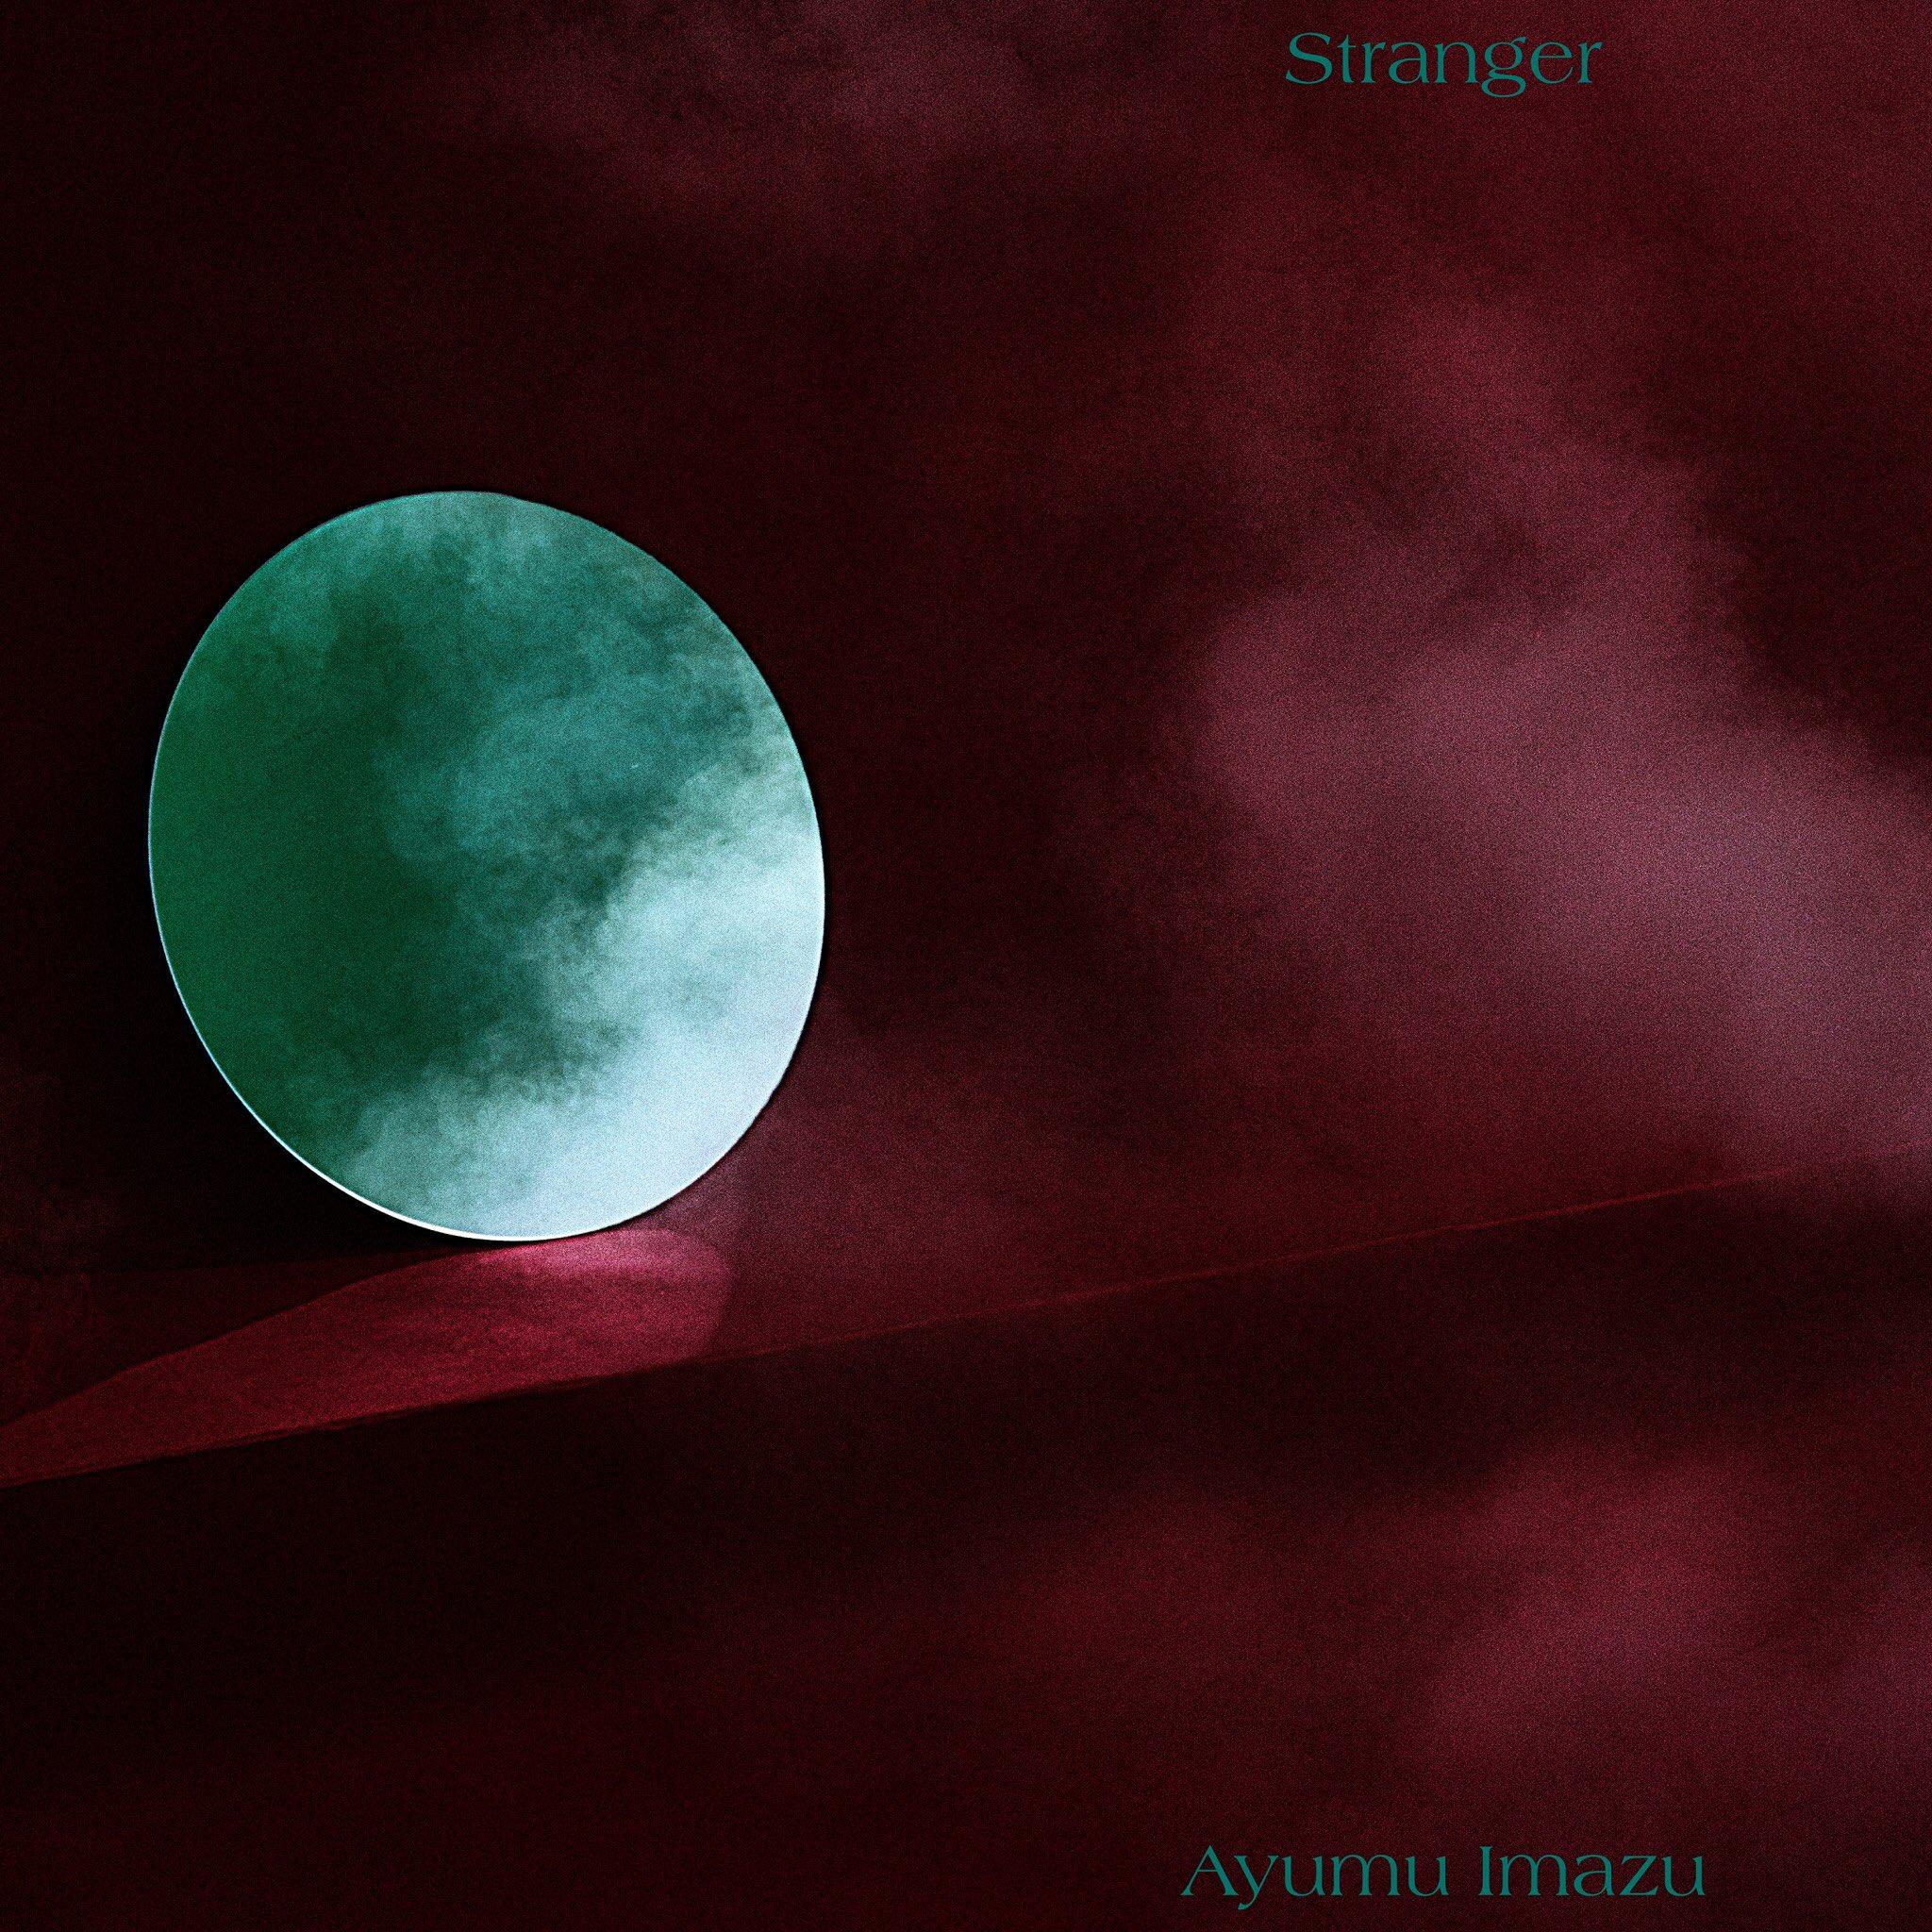 Ayumu Imazu - Stranger